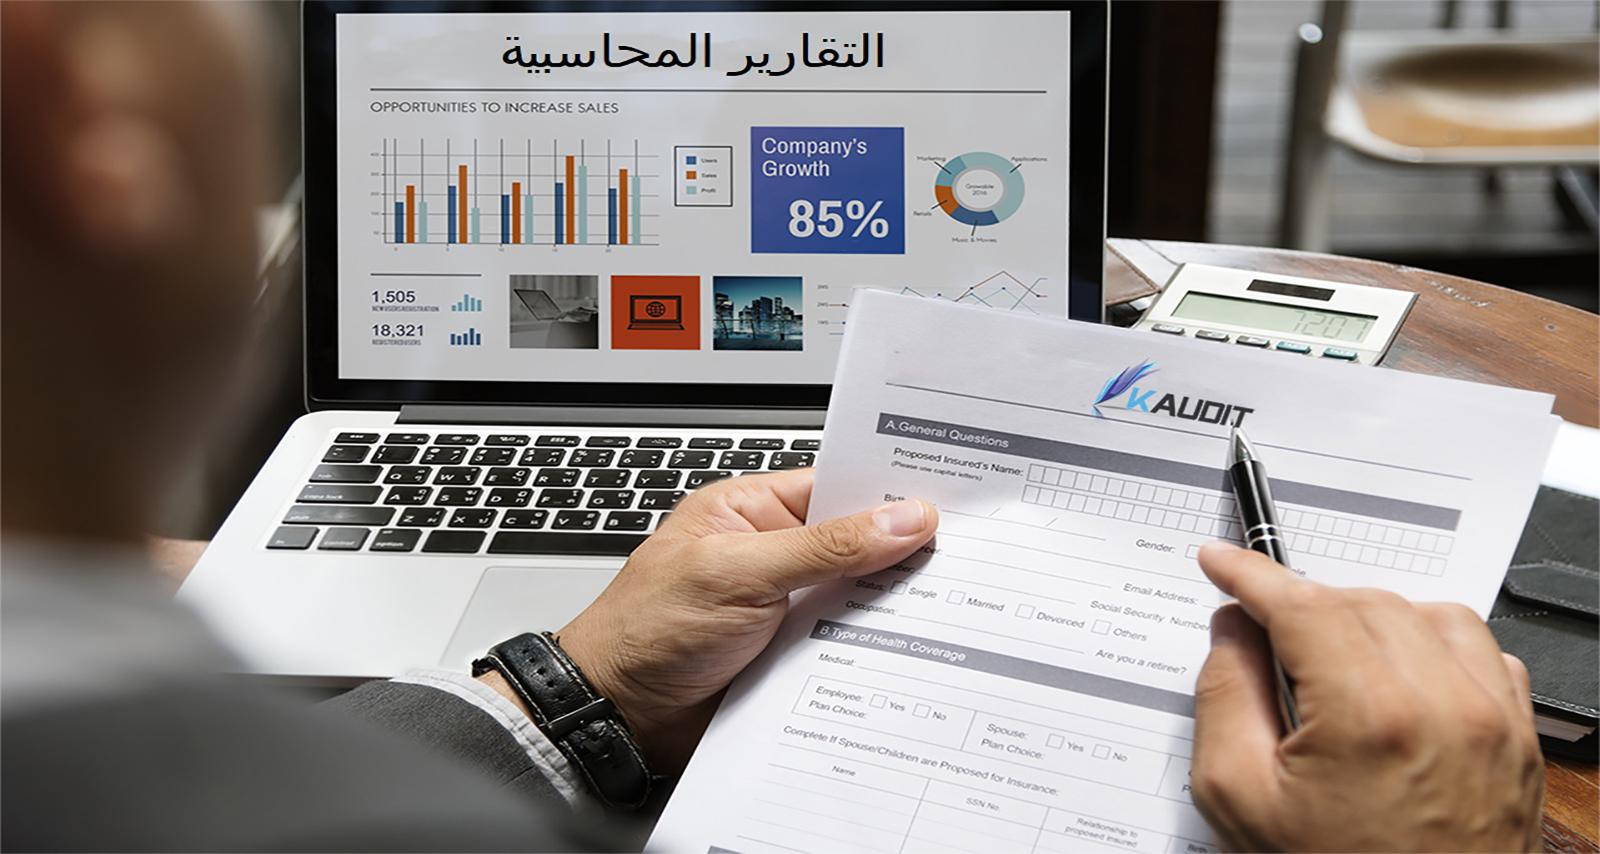 مسك السجلات والدفاتر المحاسبية & kaudit شركة ناصر محمد الكنهل وشريكه محاسبون و مراجعون قانونيون